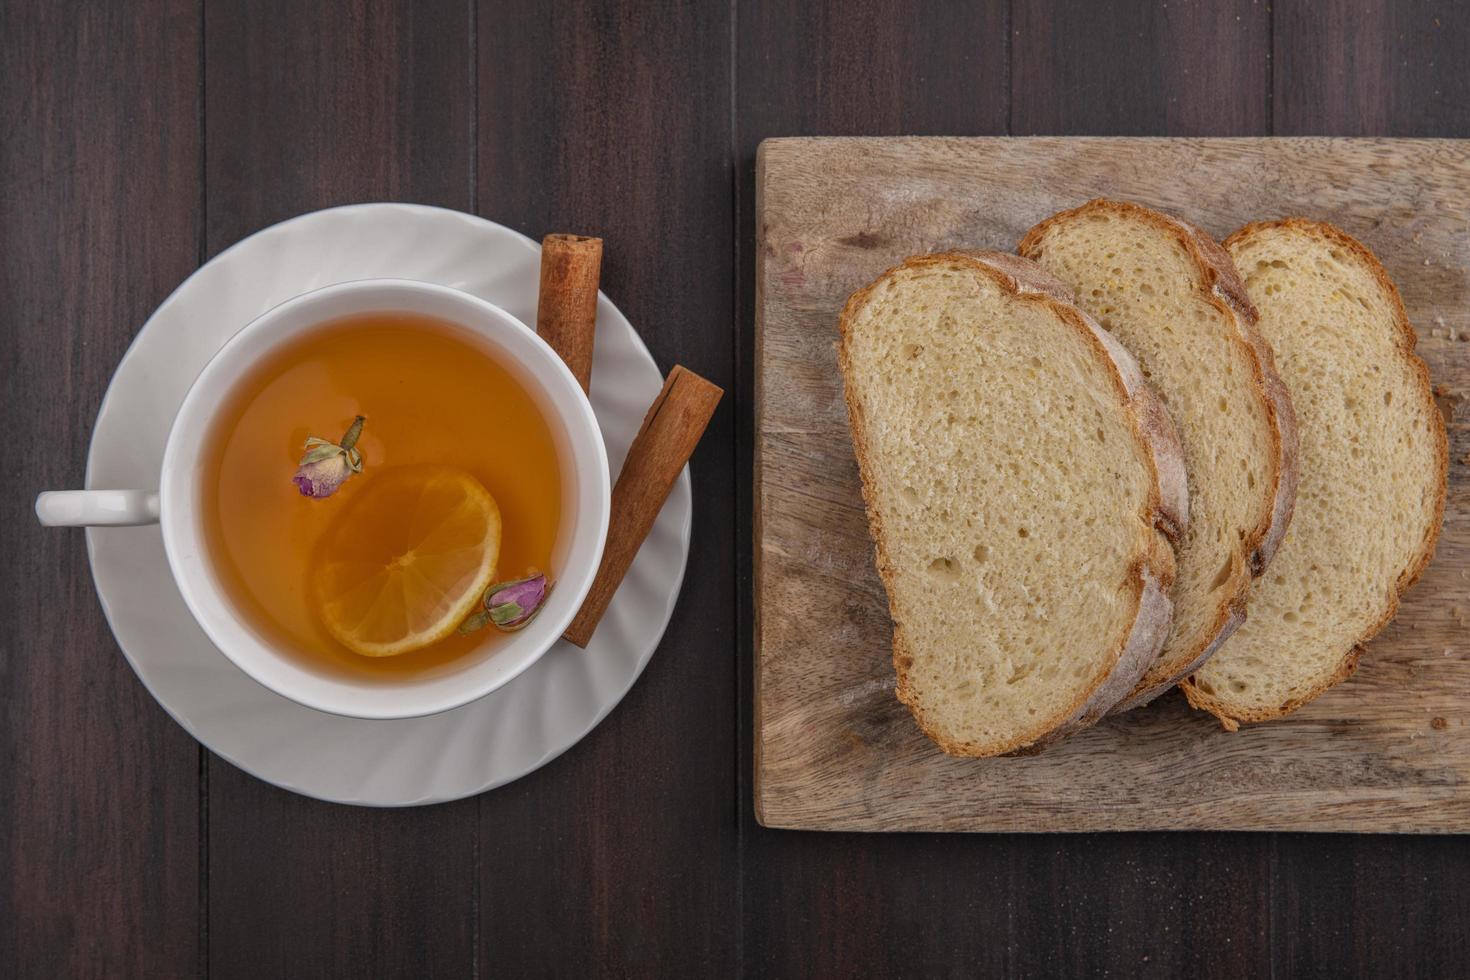 Fotografía de alimentos laicos plana de una taza de té con pan sobre fondo de madera foto